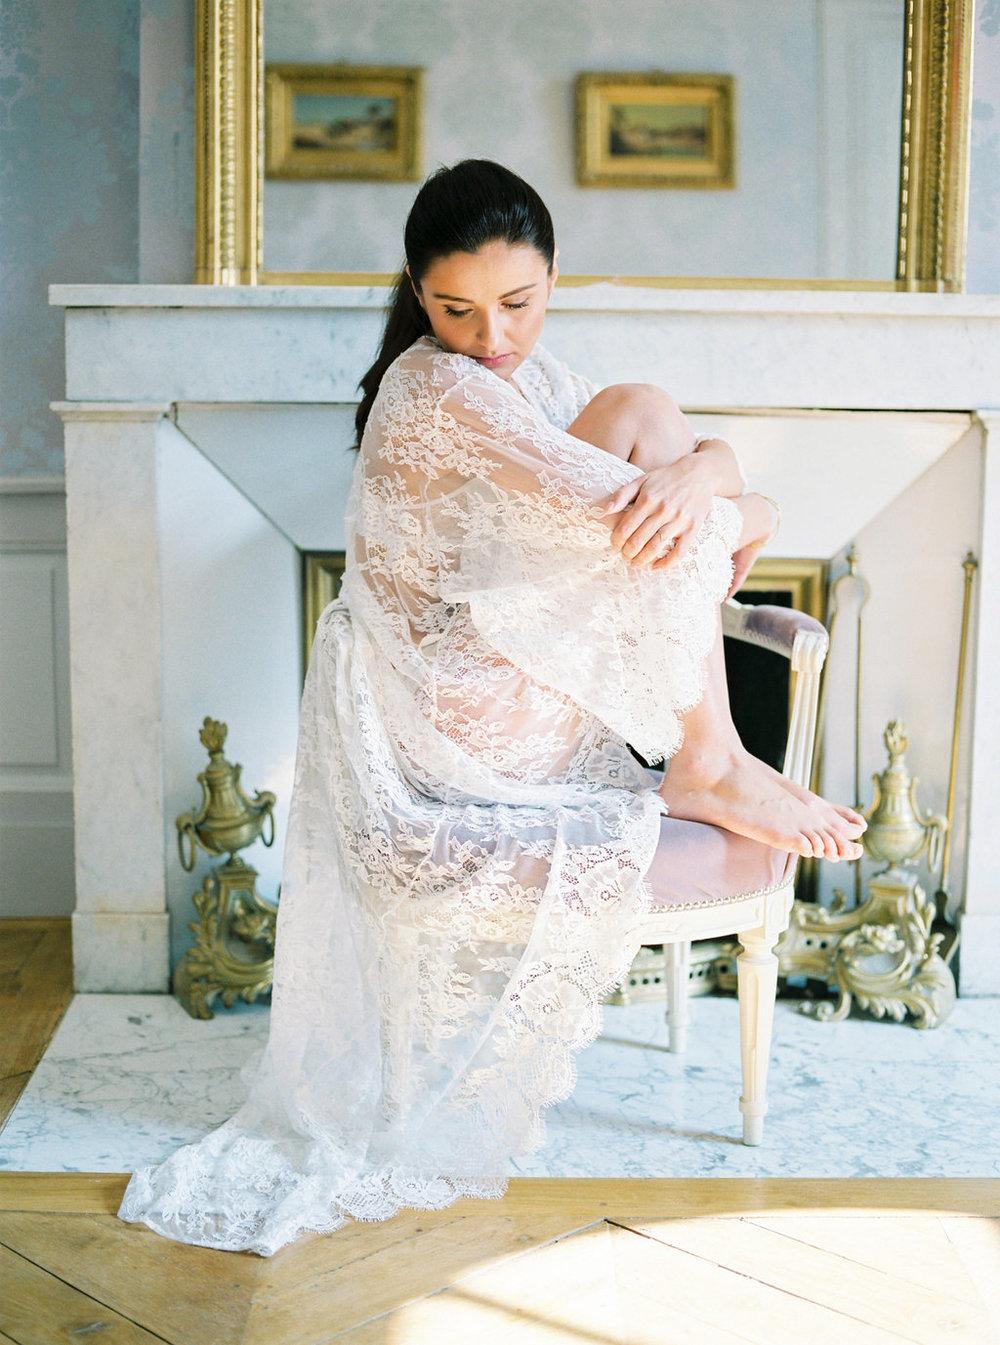 Maria bridal lace robe